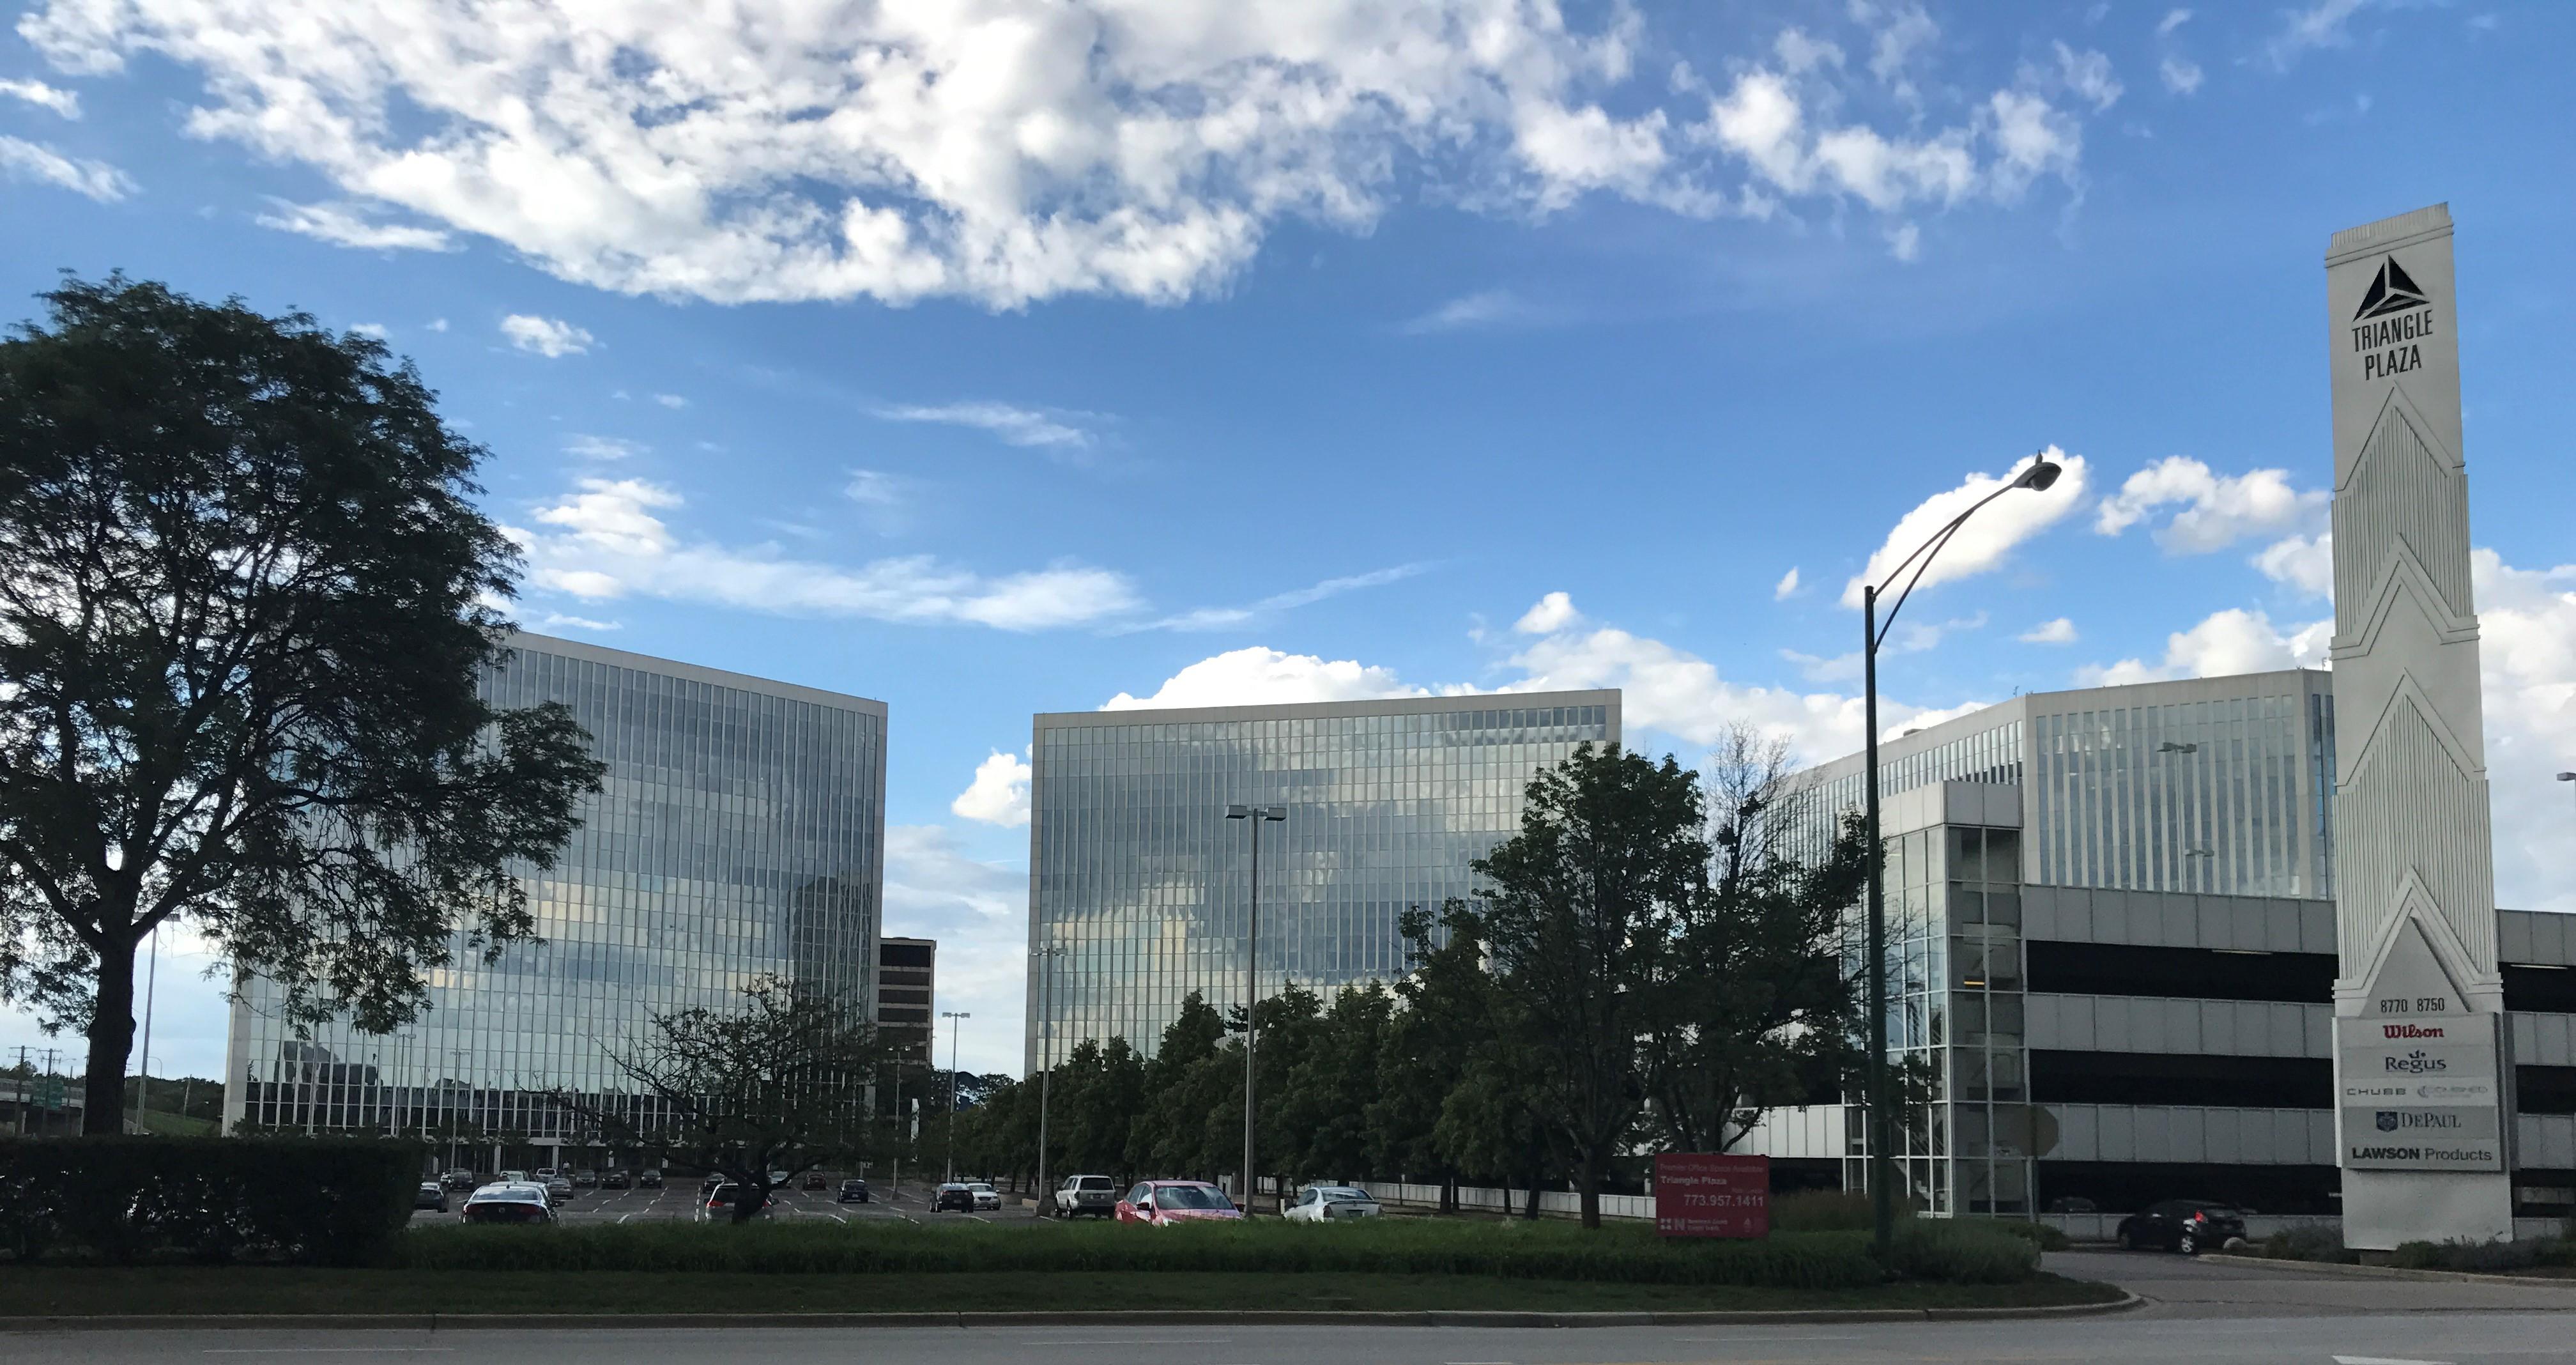 The Triangle Plaza corporate complex